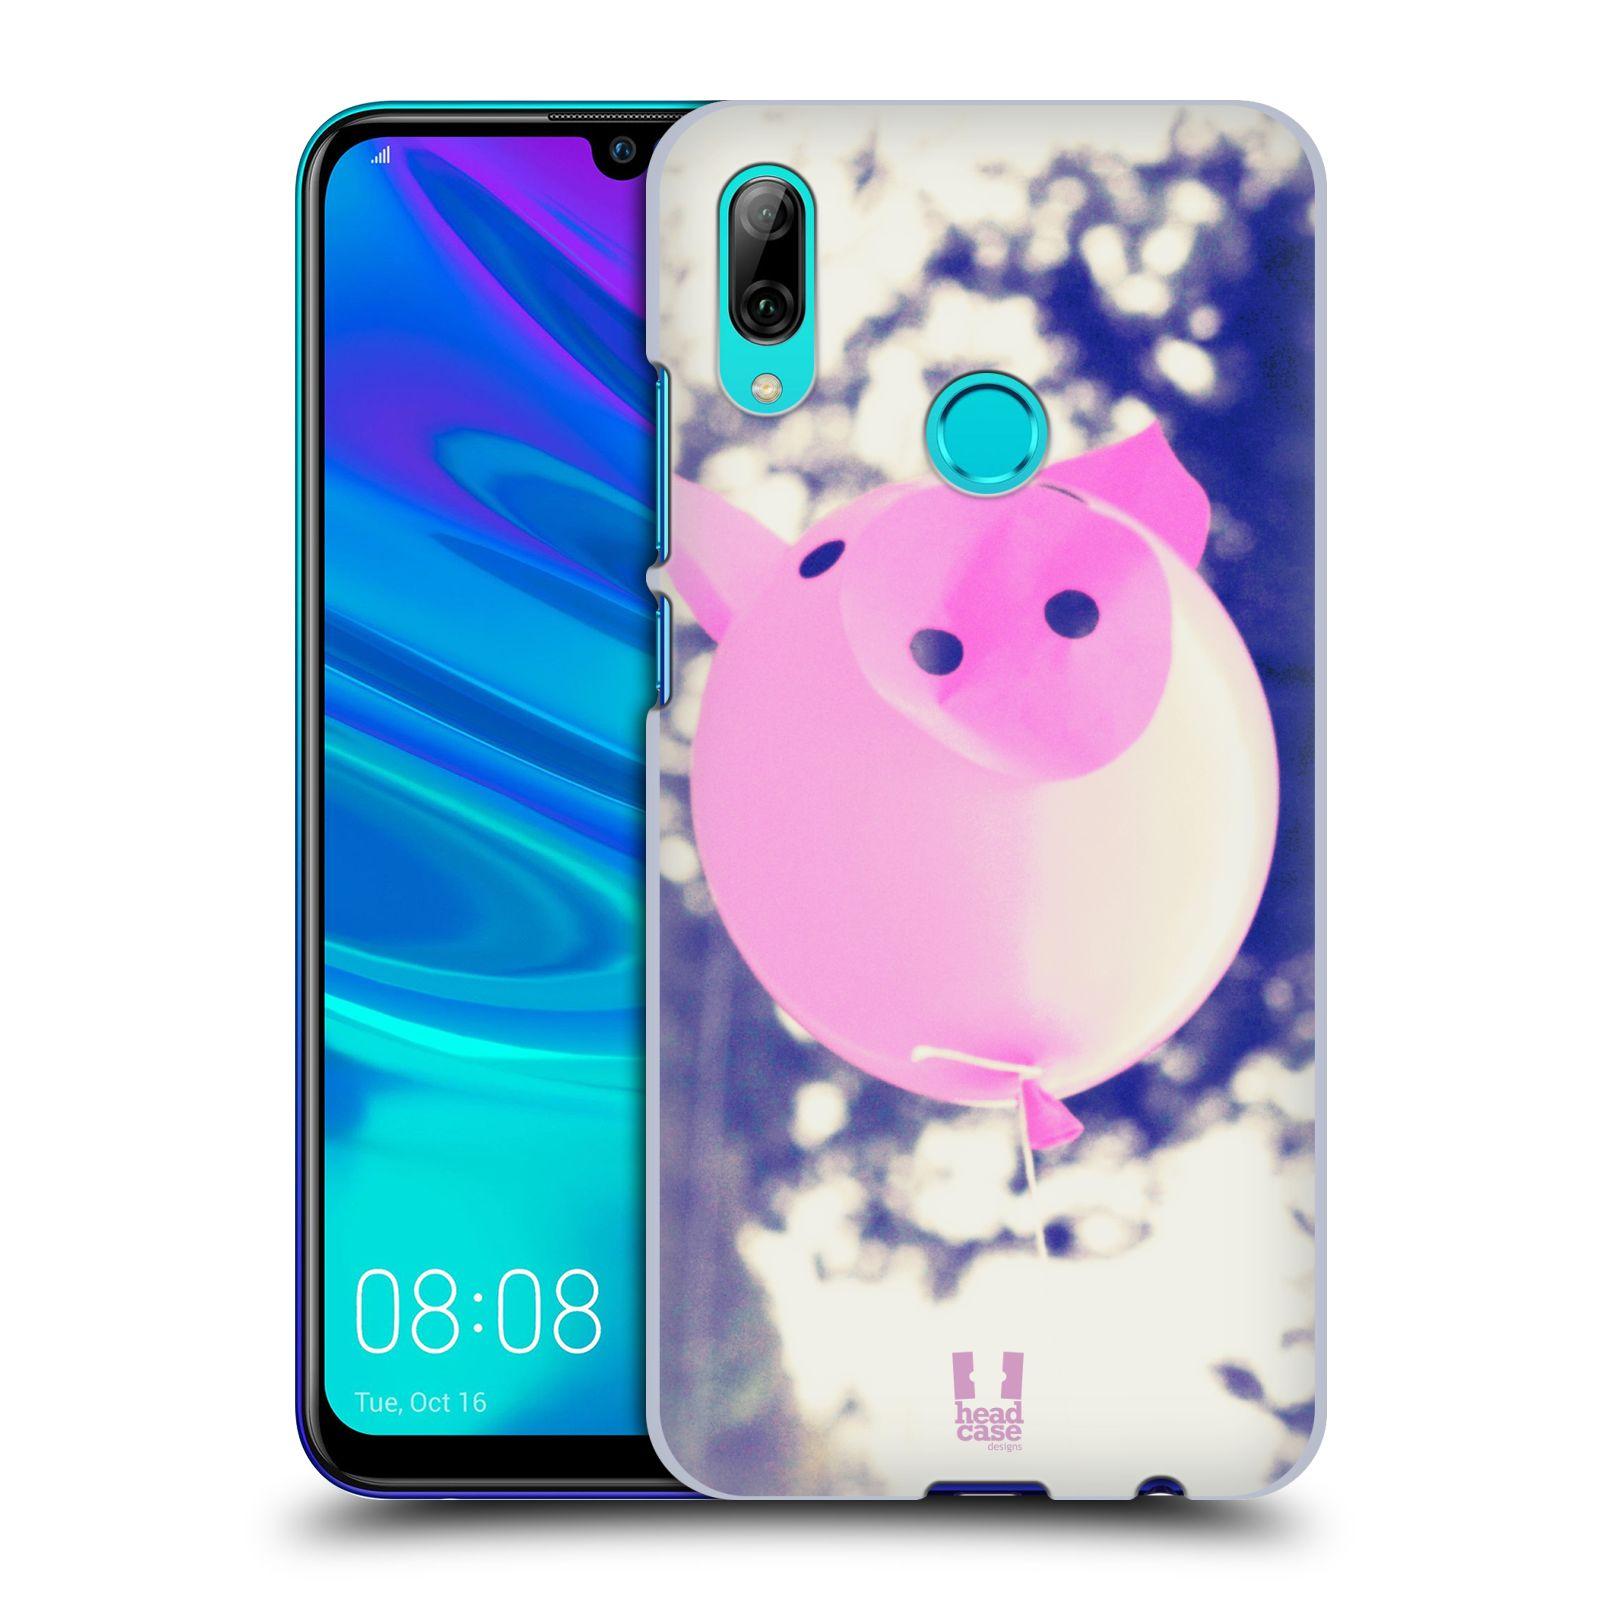 Plastové pouzdro na mobil Huawei P Smart (2019) - Head Case - BALON PAŠÍK